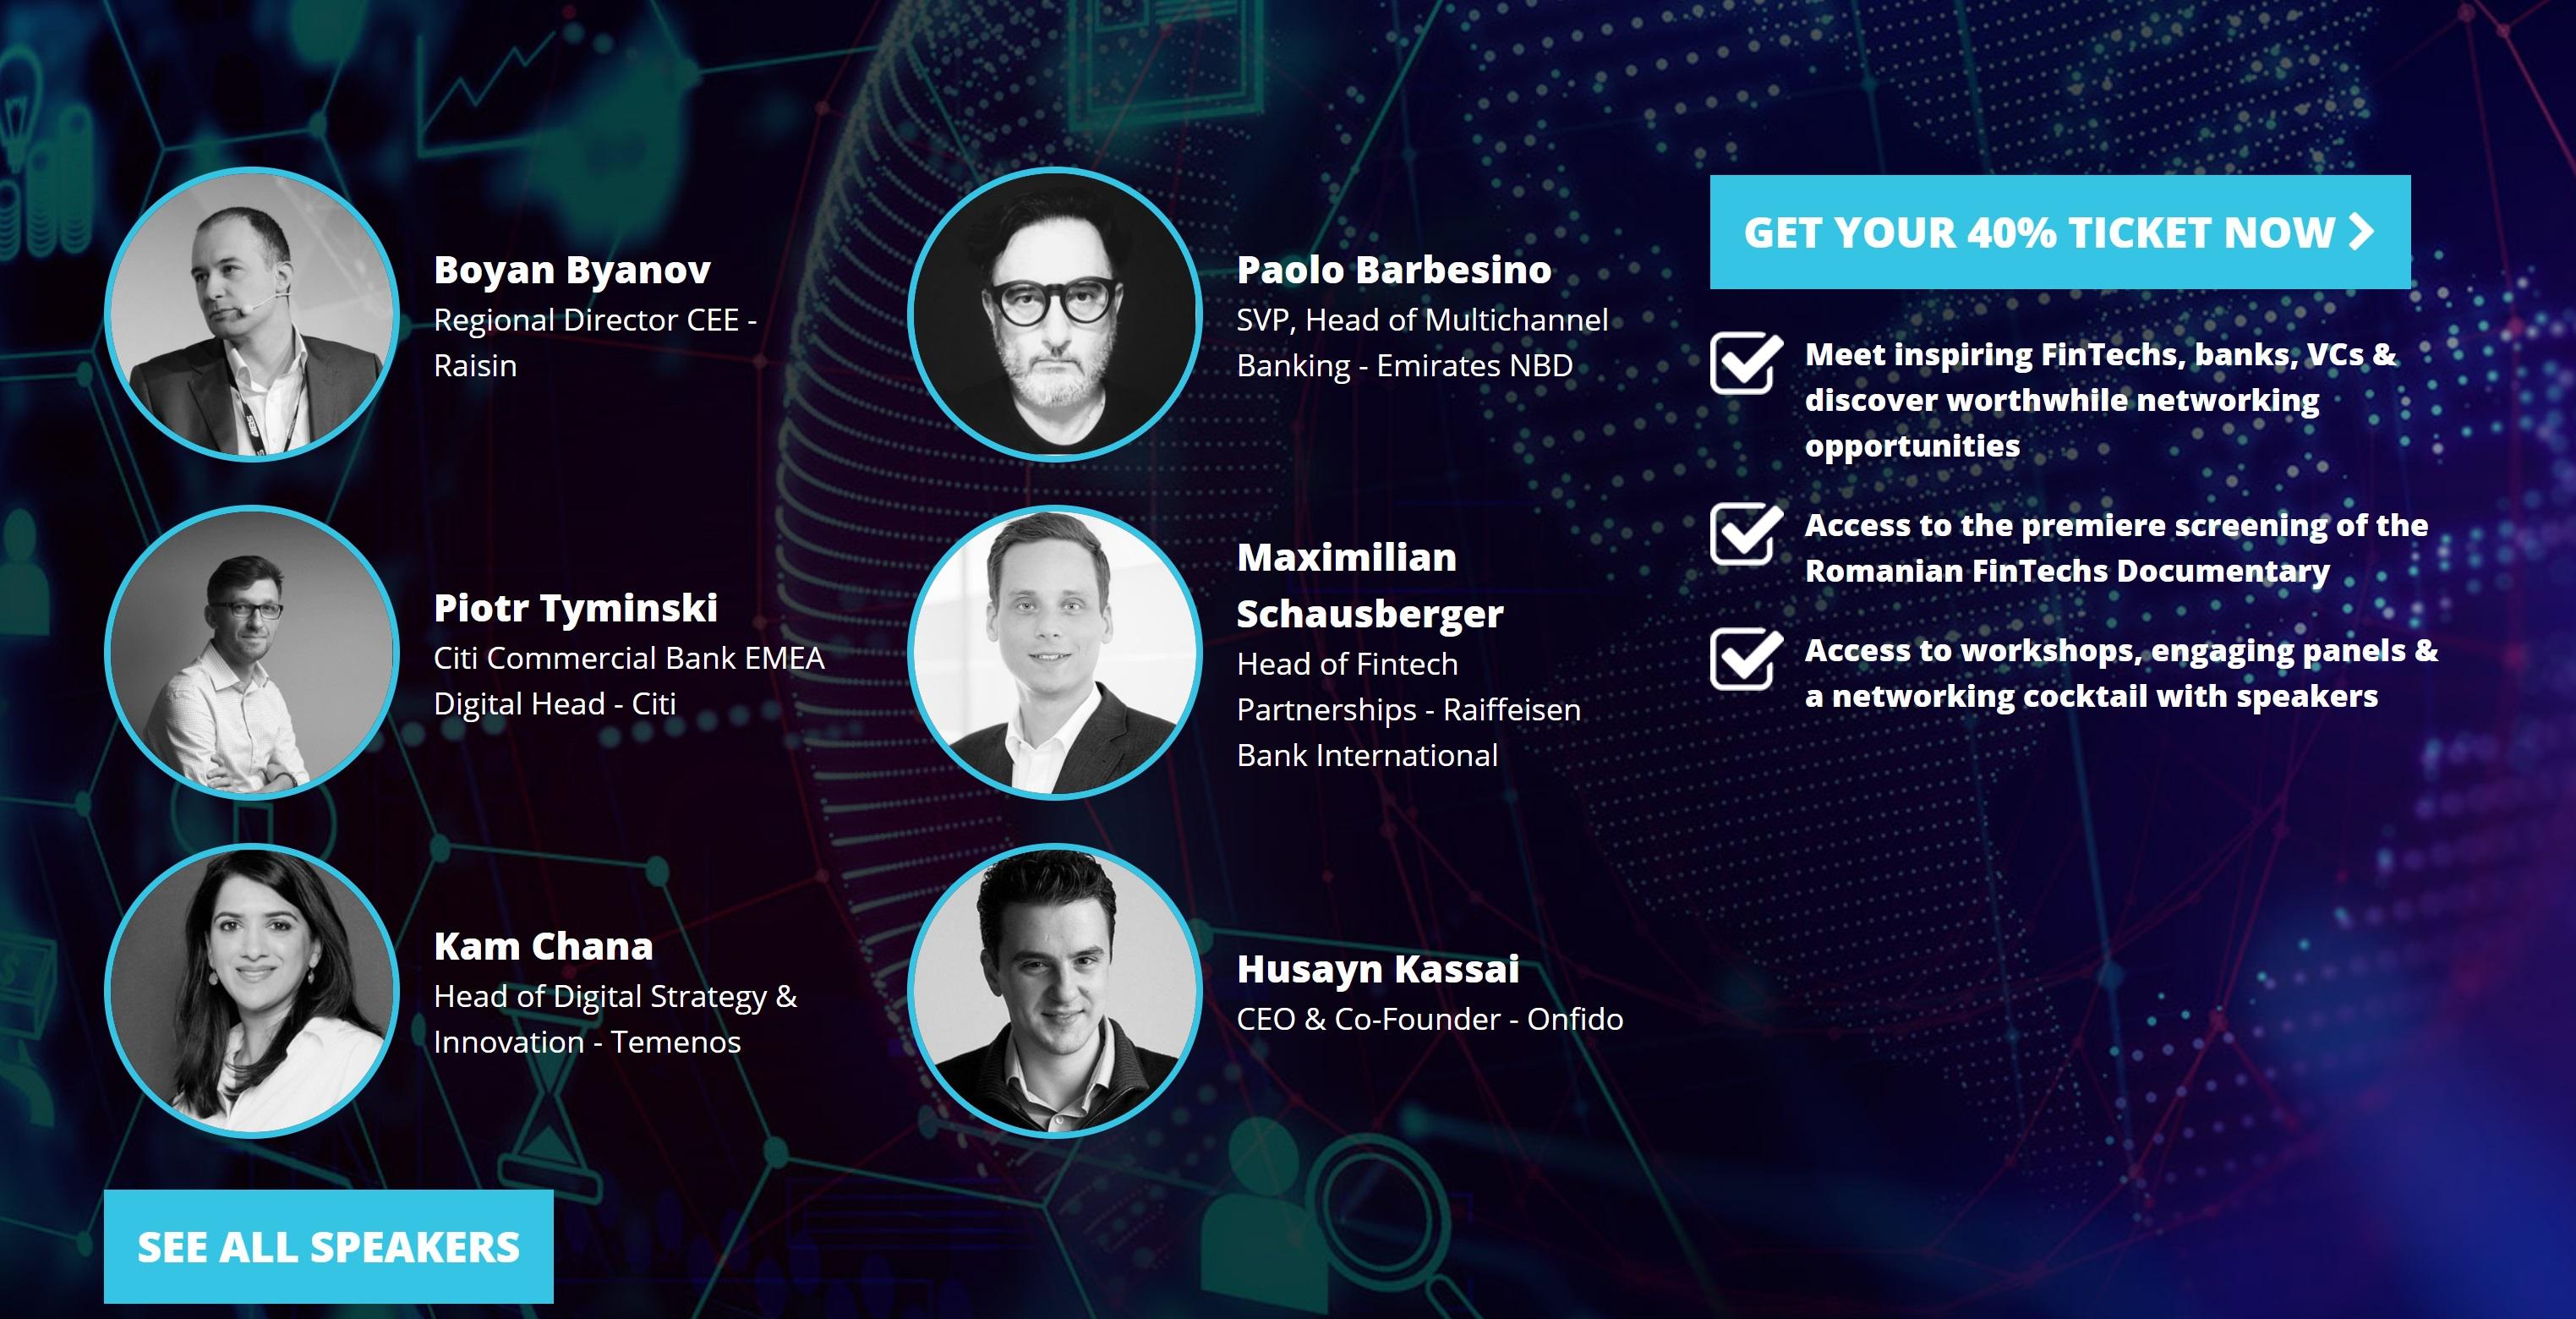 Future Banking 2020: ce speakeri locali si internaționali pun Bucureștiul pe harta FinTech-ului